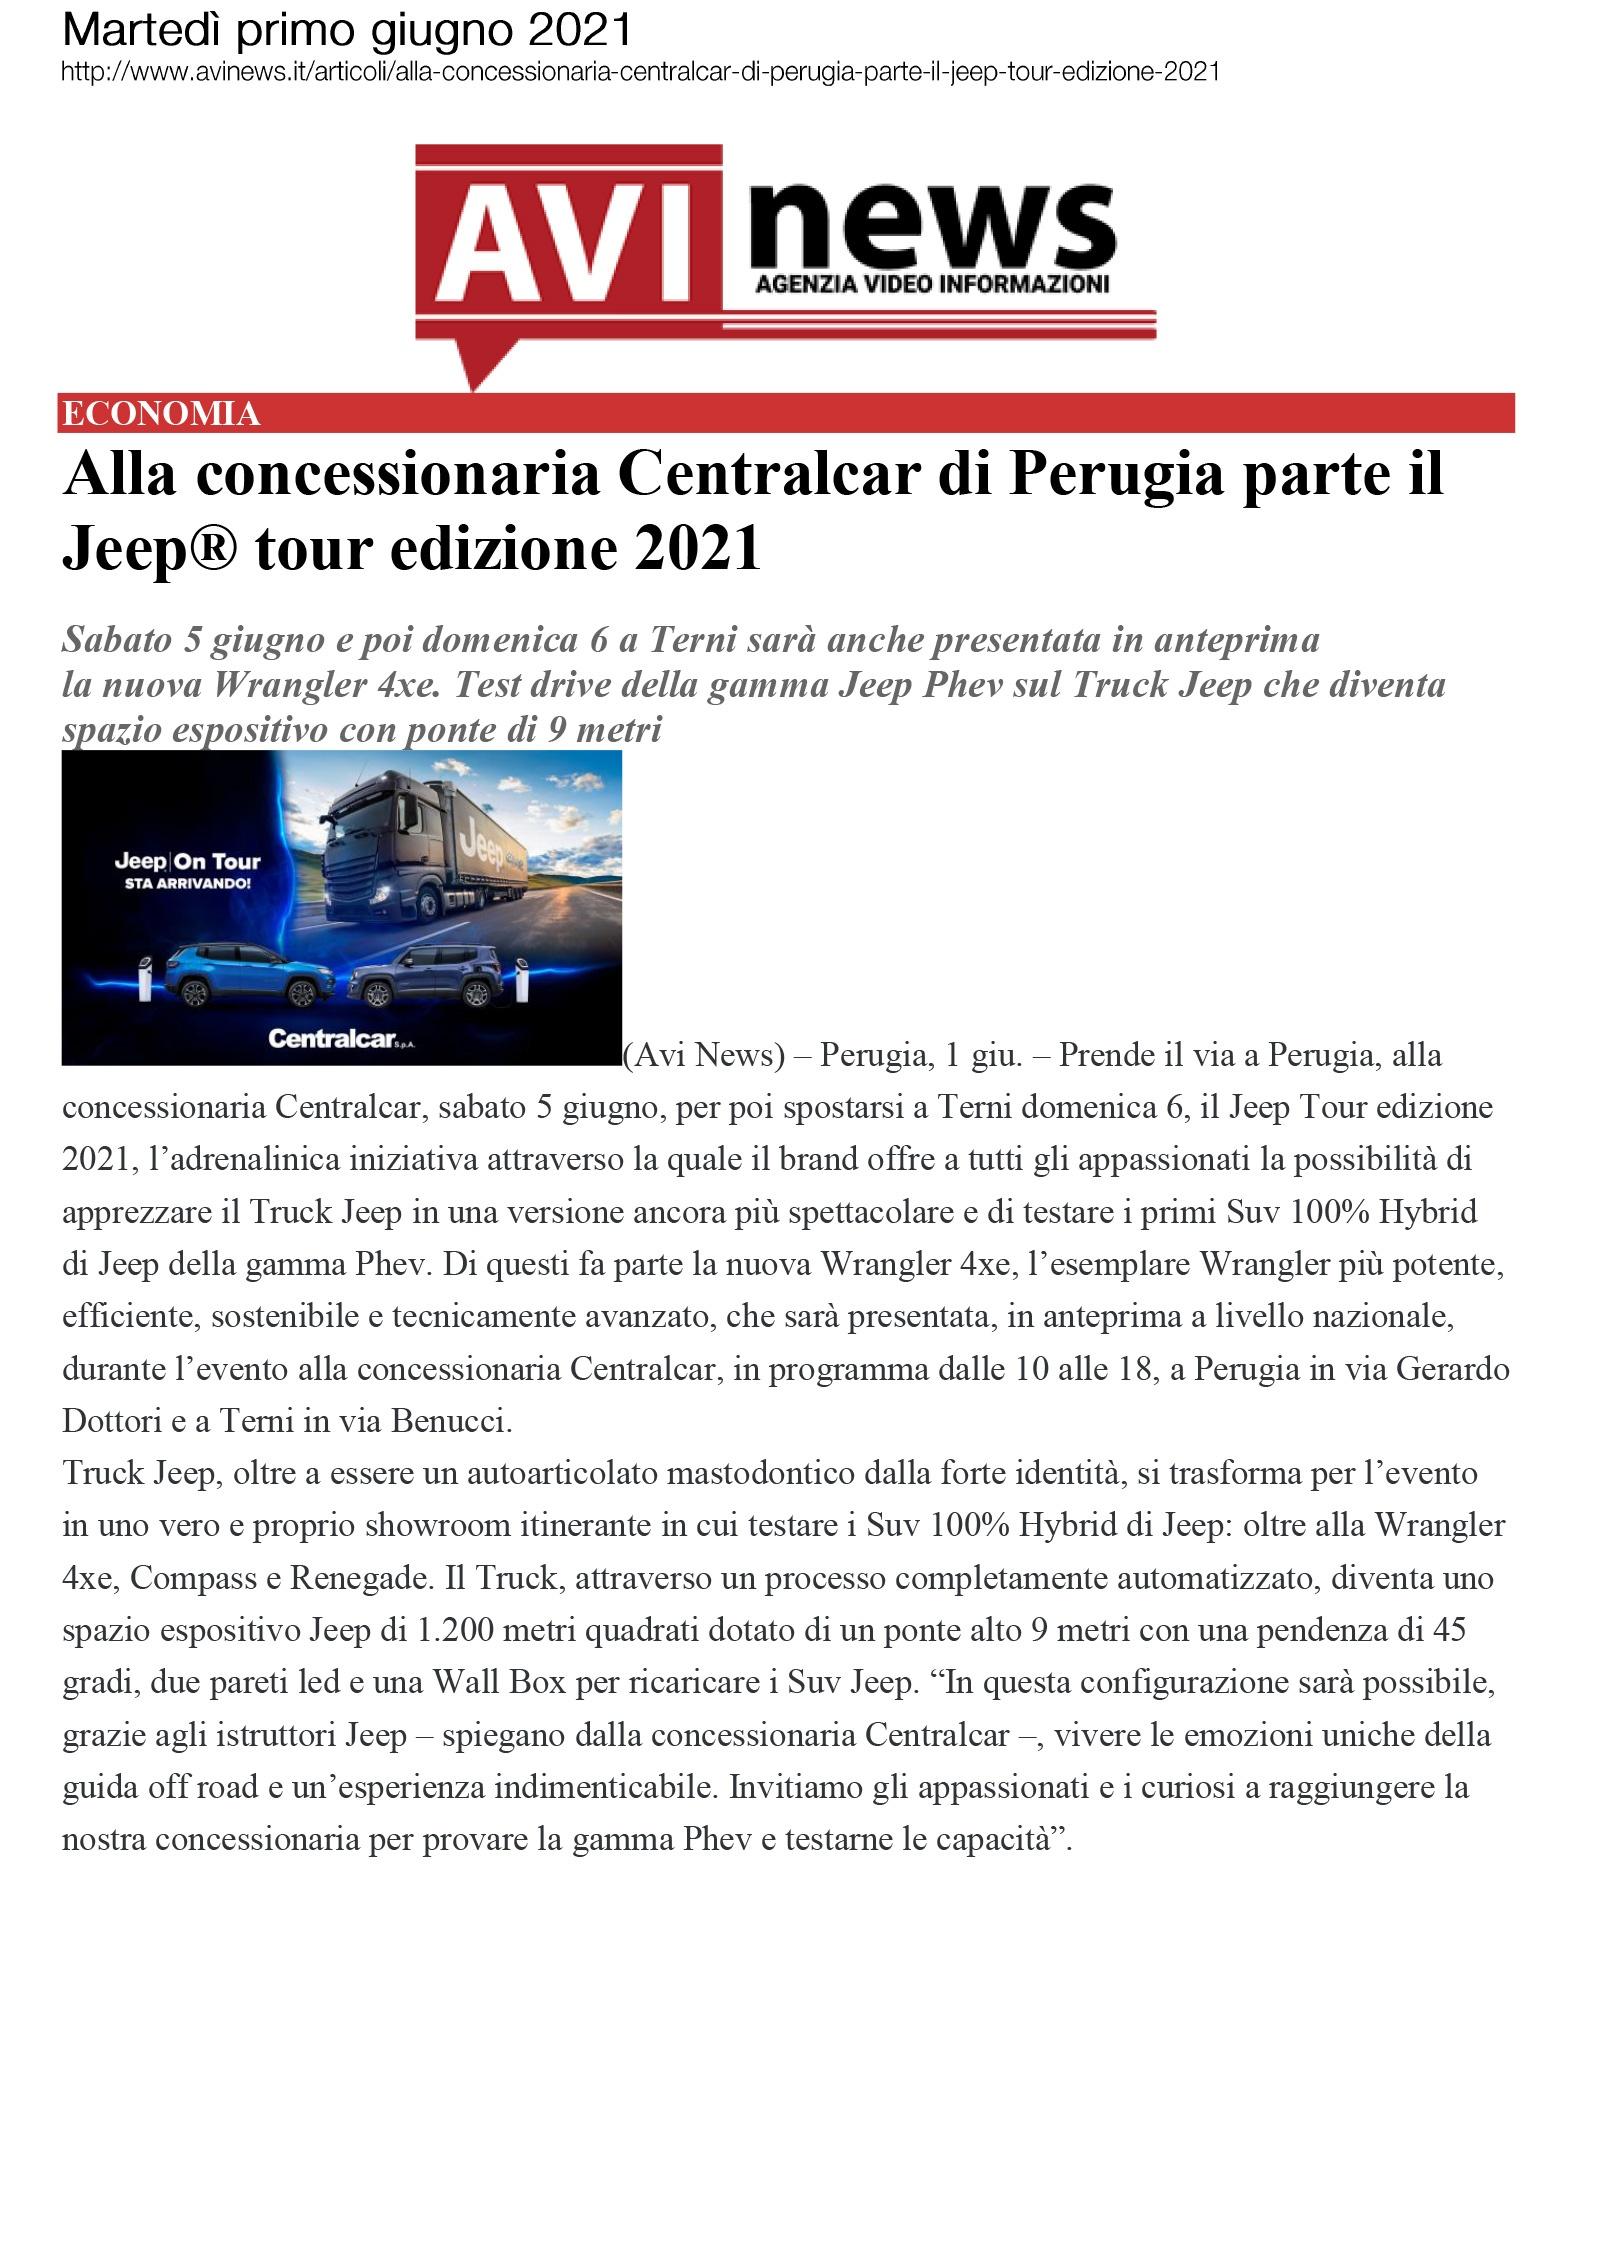 Alla concessionaria Centralcar di Perugia parte il Jeep tour edizione 2021